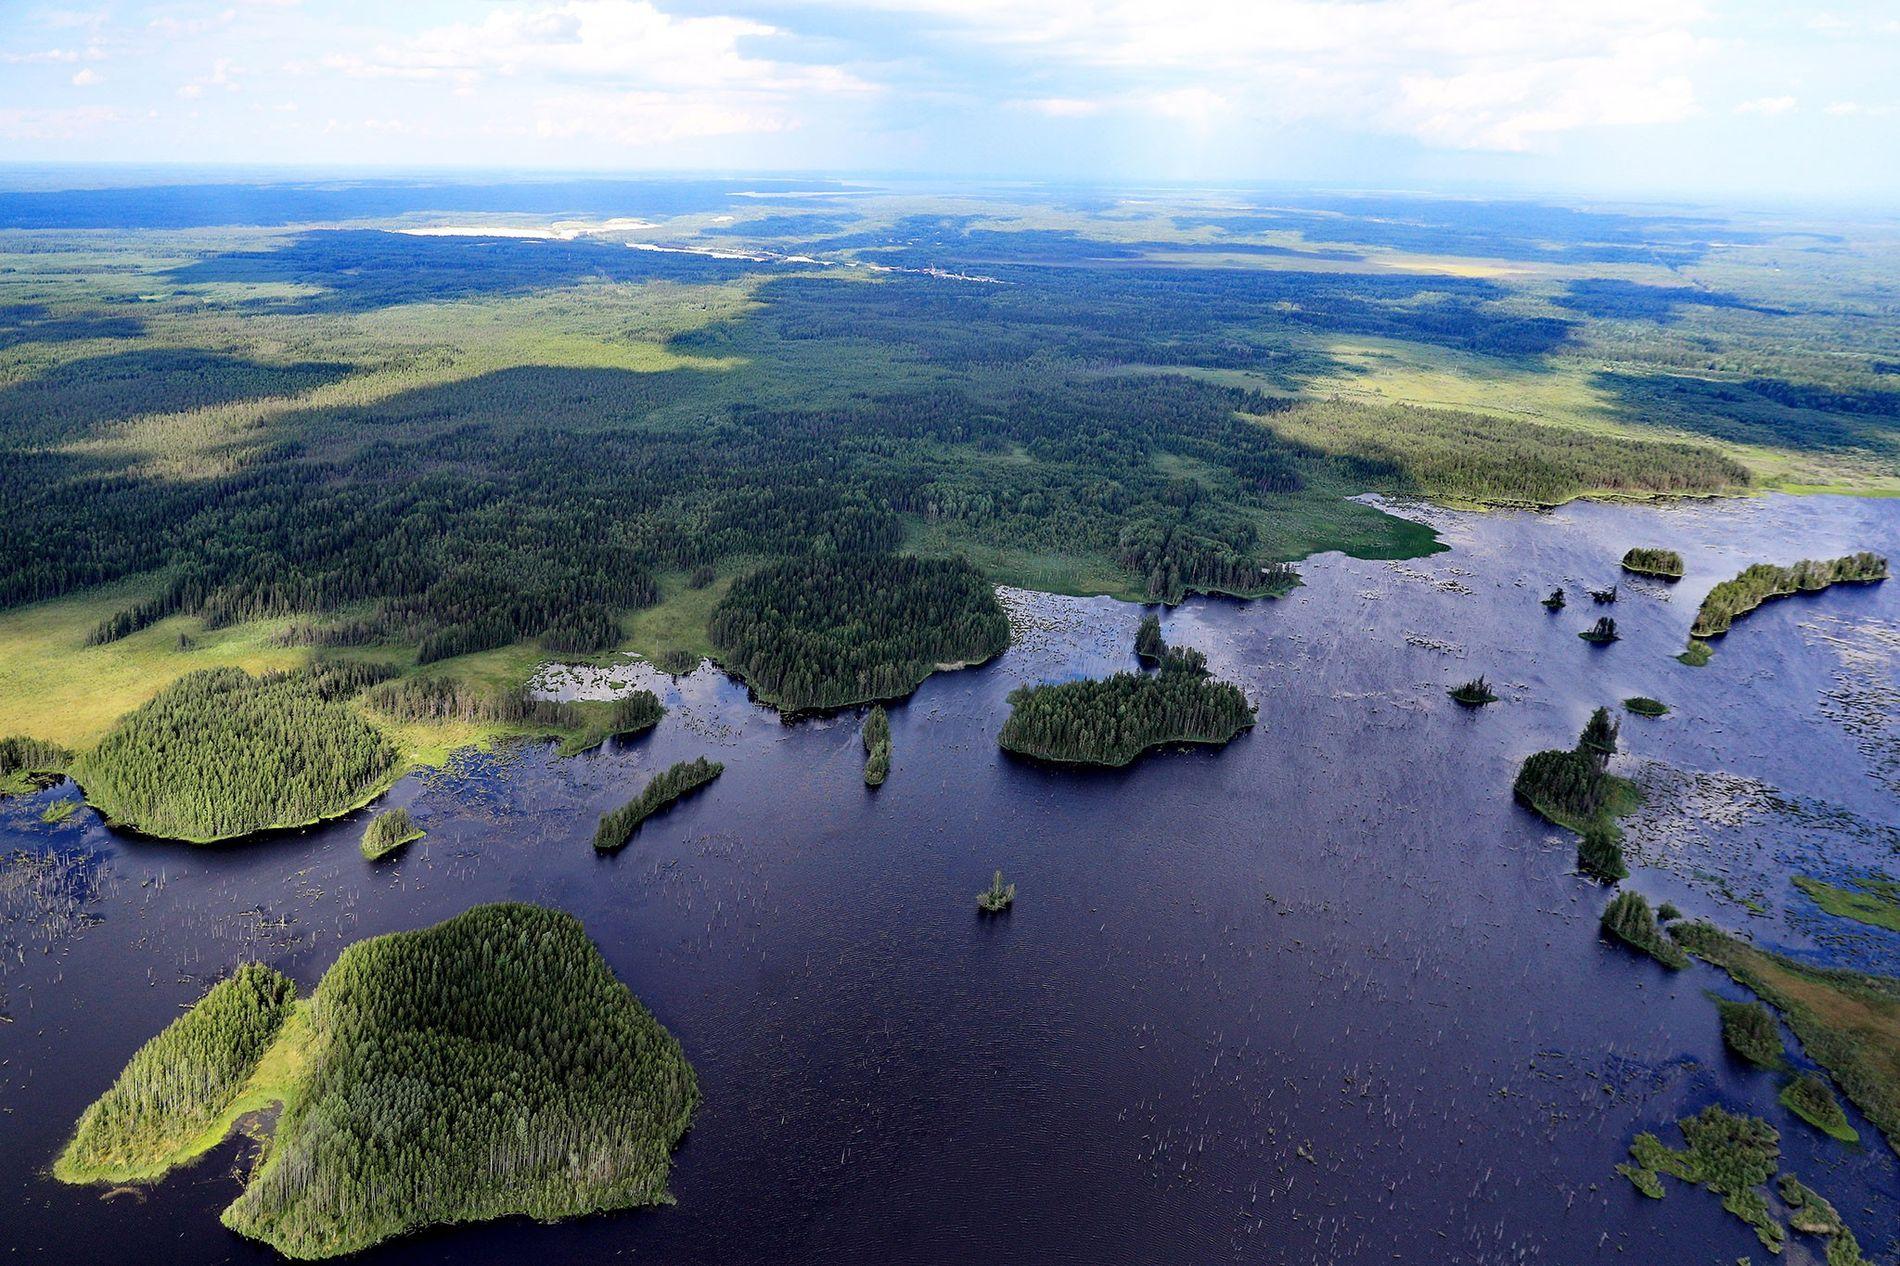 Visão aérea do rio Volodga, na Rússia, país que é um dos principais candidatos a eliminar ...